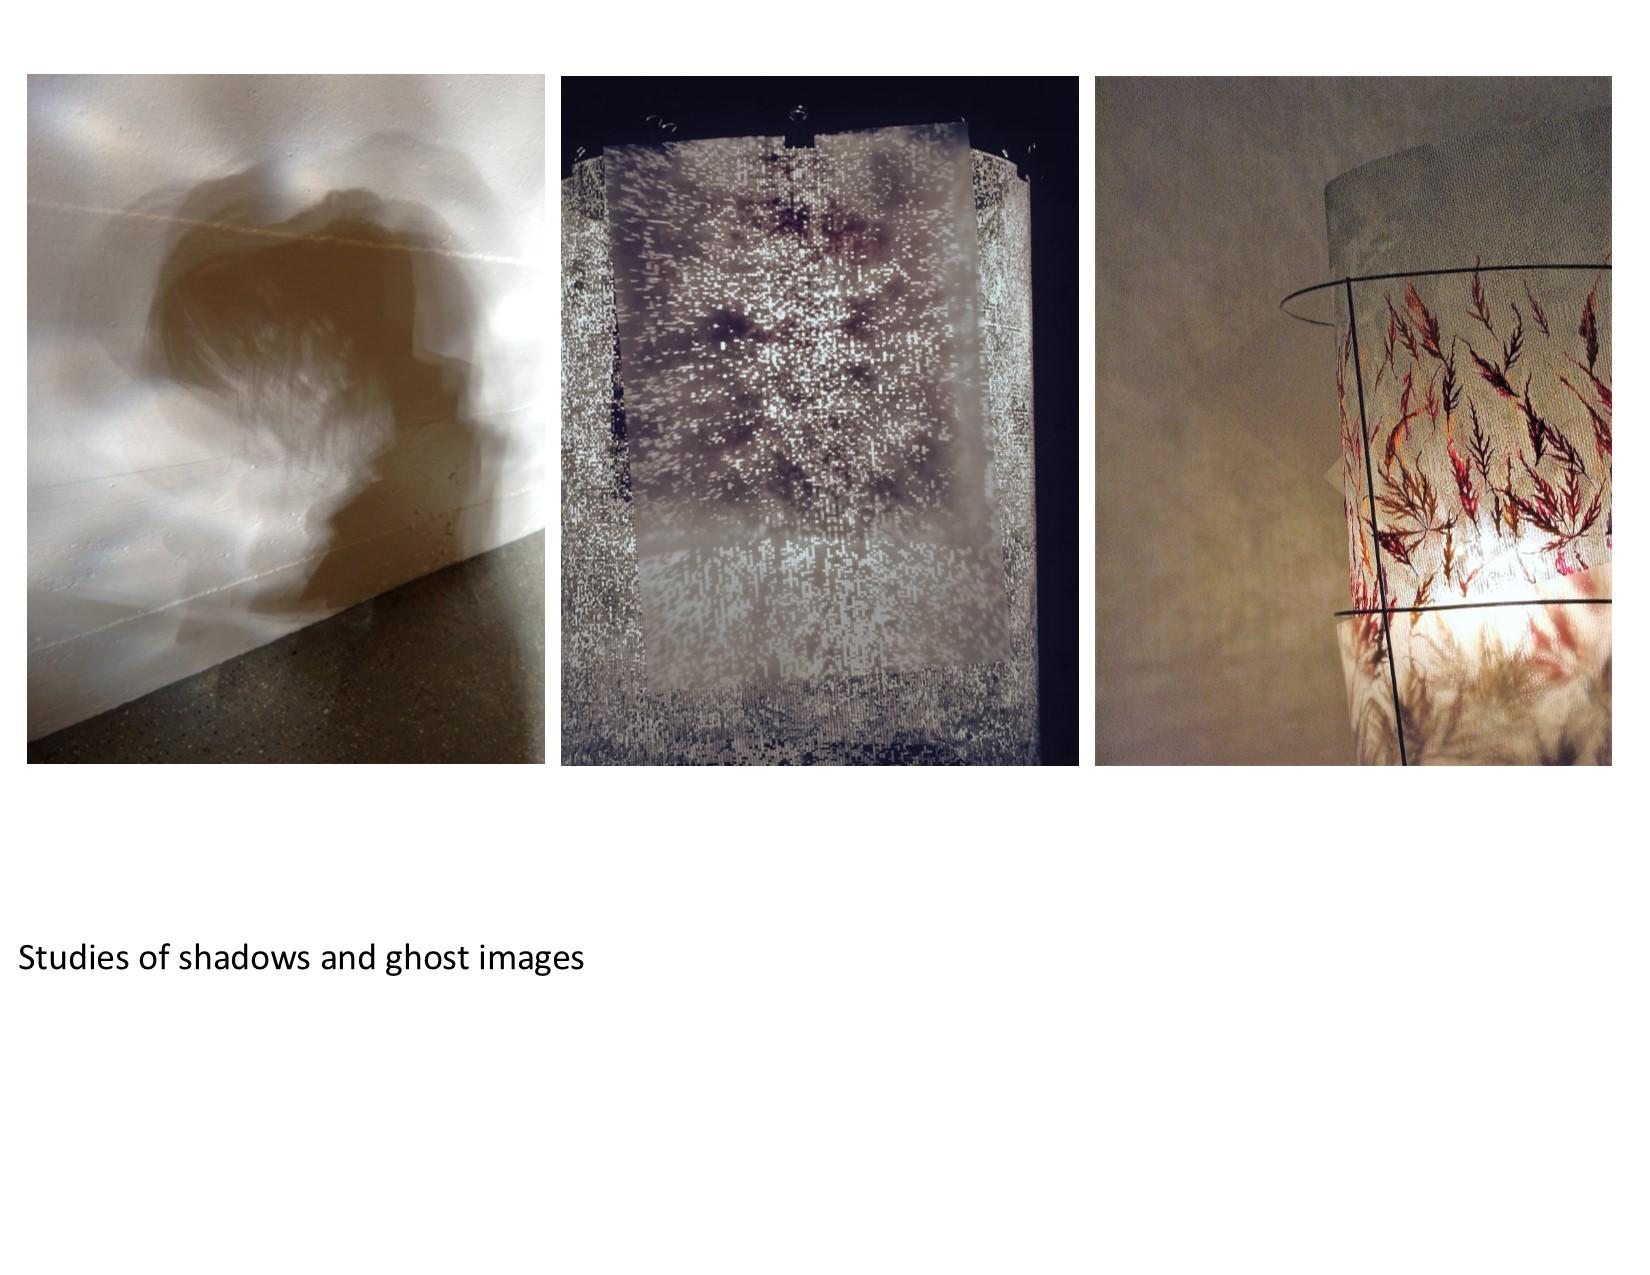 18-01-13_Ghost-Shadow_01.jpg